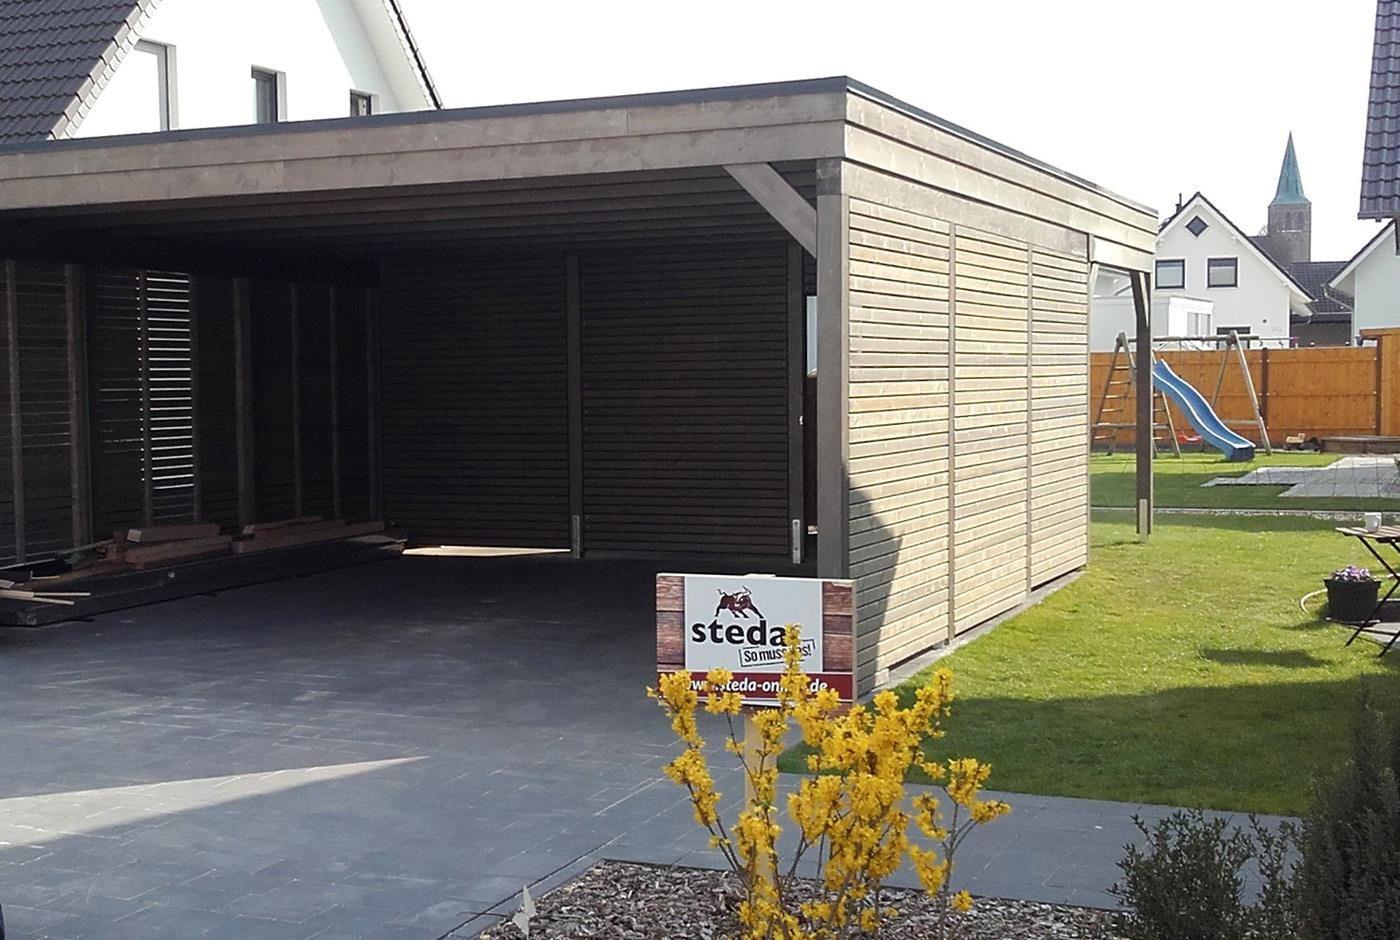 genug Ein Carport verkleidet mit Rhombusleisten, denn die Holzfassade FG82